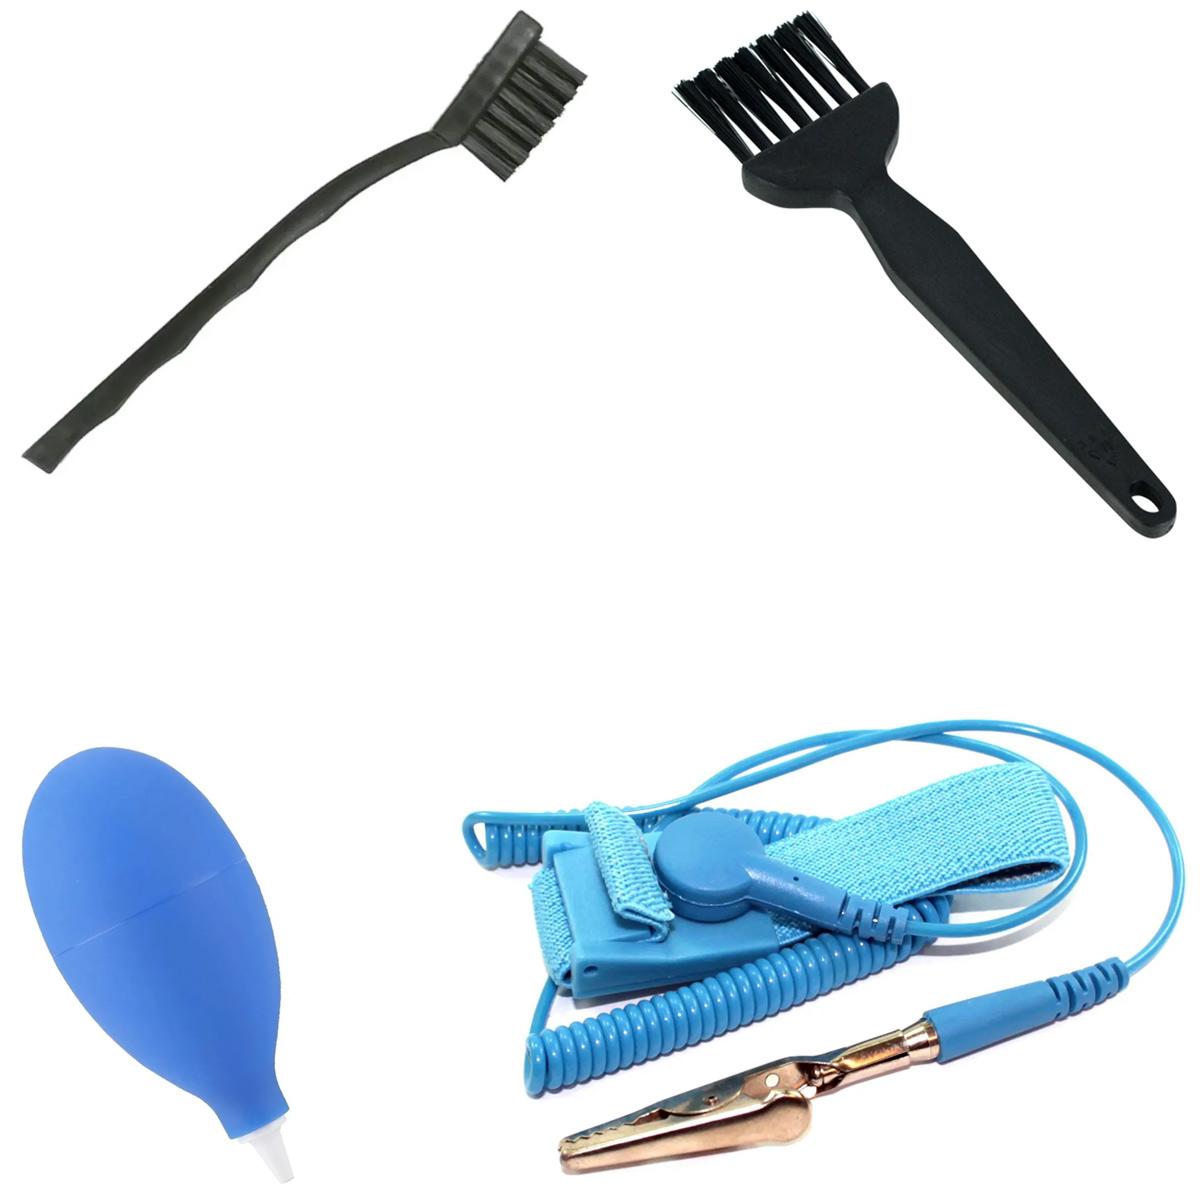 Kit Antiestático e de Limpeza / Manutenção de Placas Eletrônicas, Computador, Celular